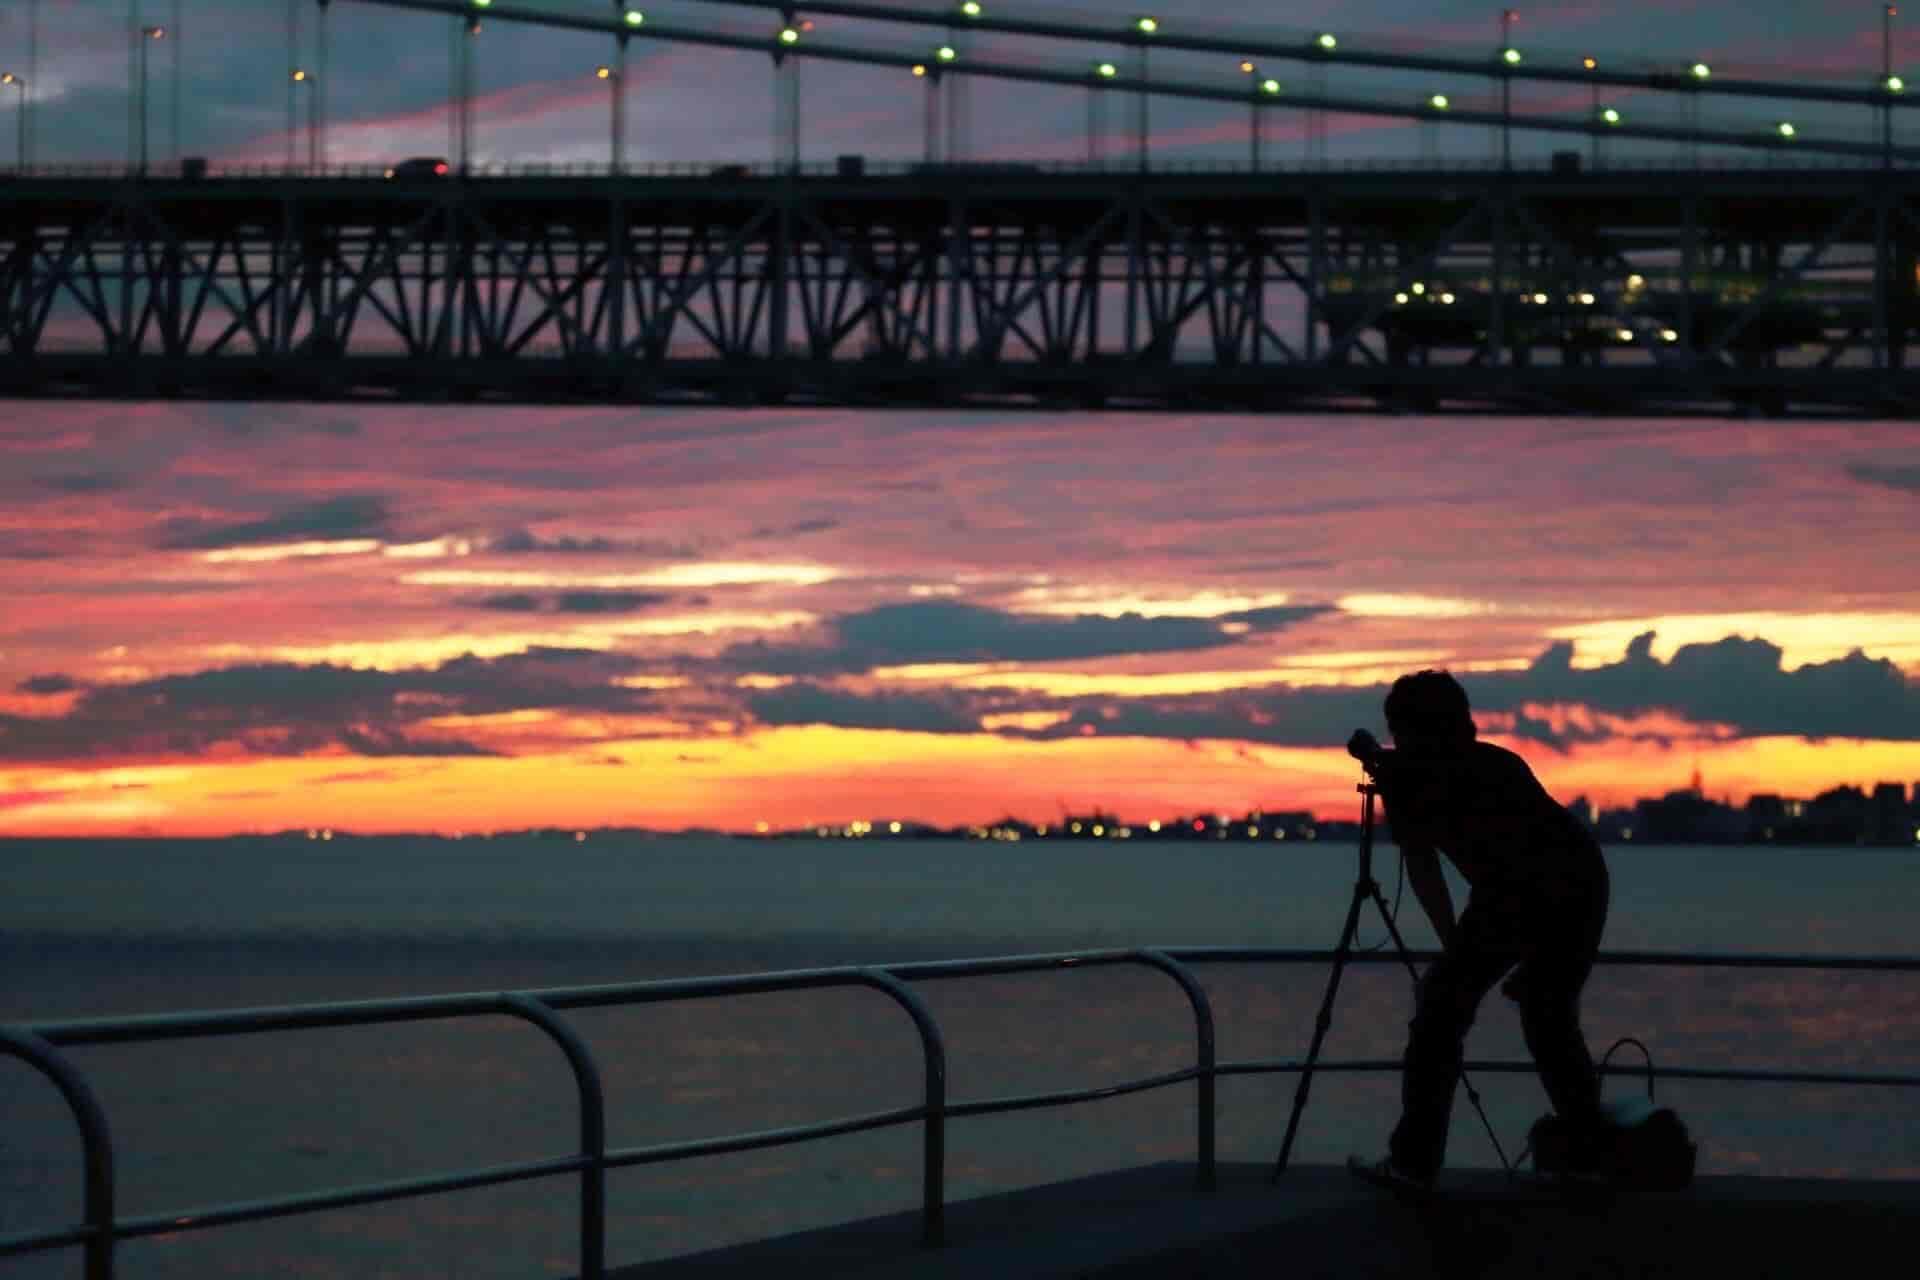 ラブ探偵事務所と他社の千葉県茂原市での夜間暗視撮影